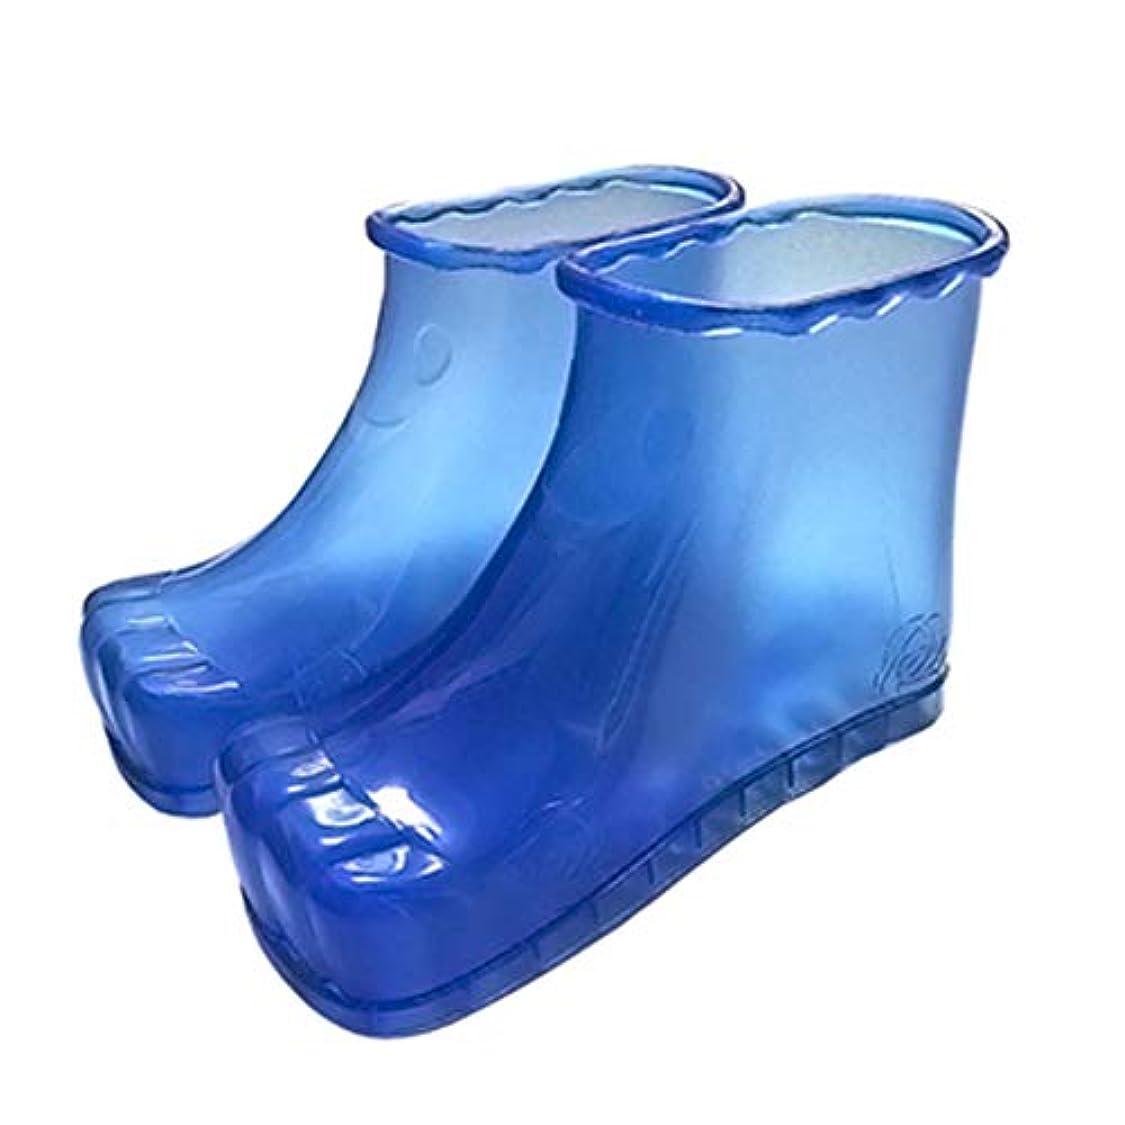 何でもストローク恥ずかしさ足のマッサージ風呂靴、痛みを軽減足の痛みを和らげる疲れていて痛い足のバケツのブーツは、血液循環を促進する,Blue,42